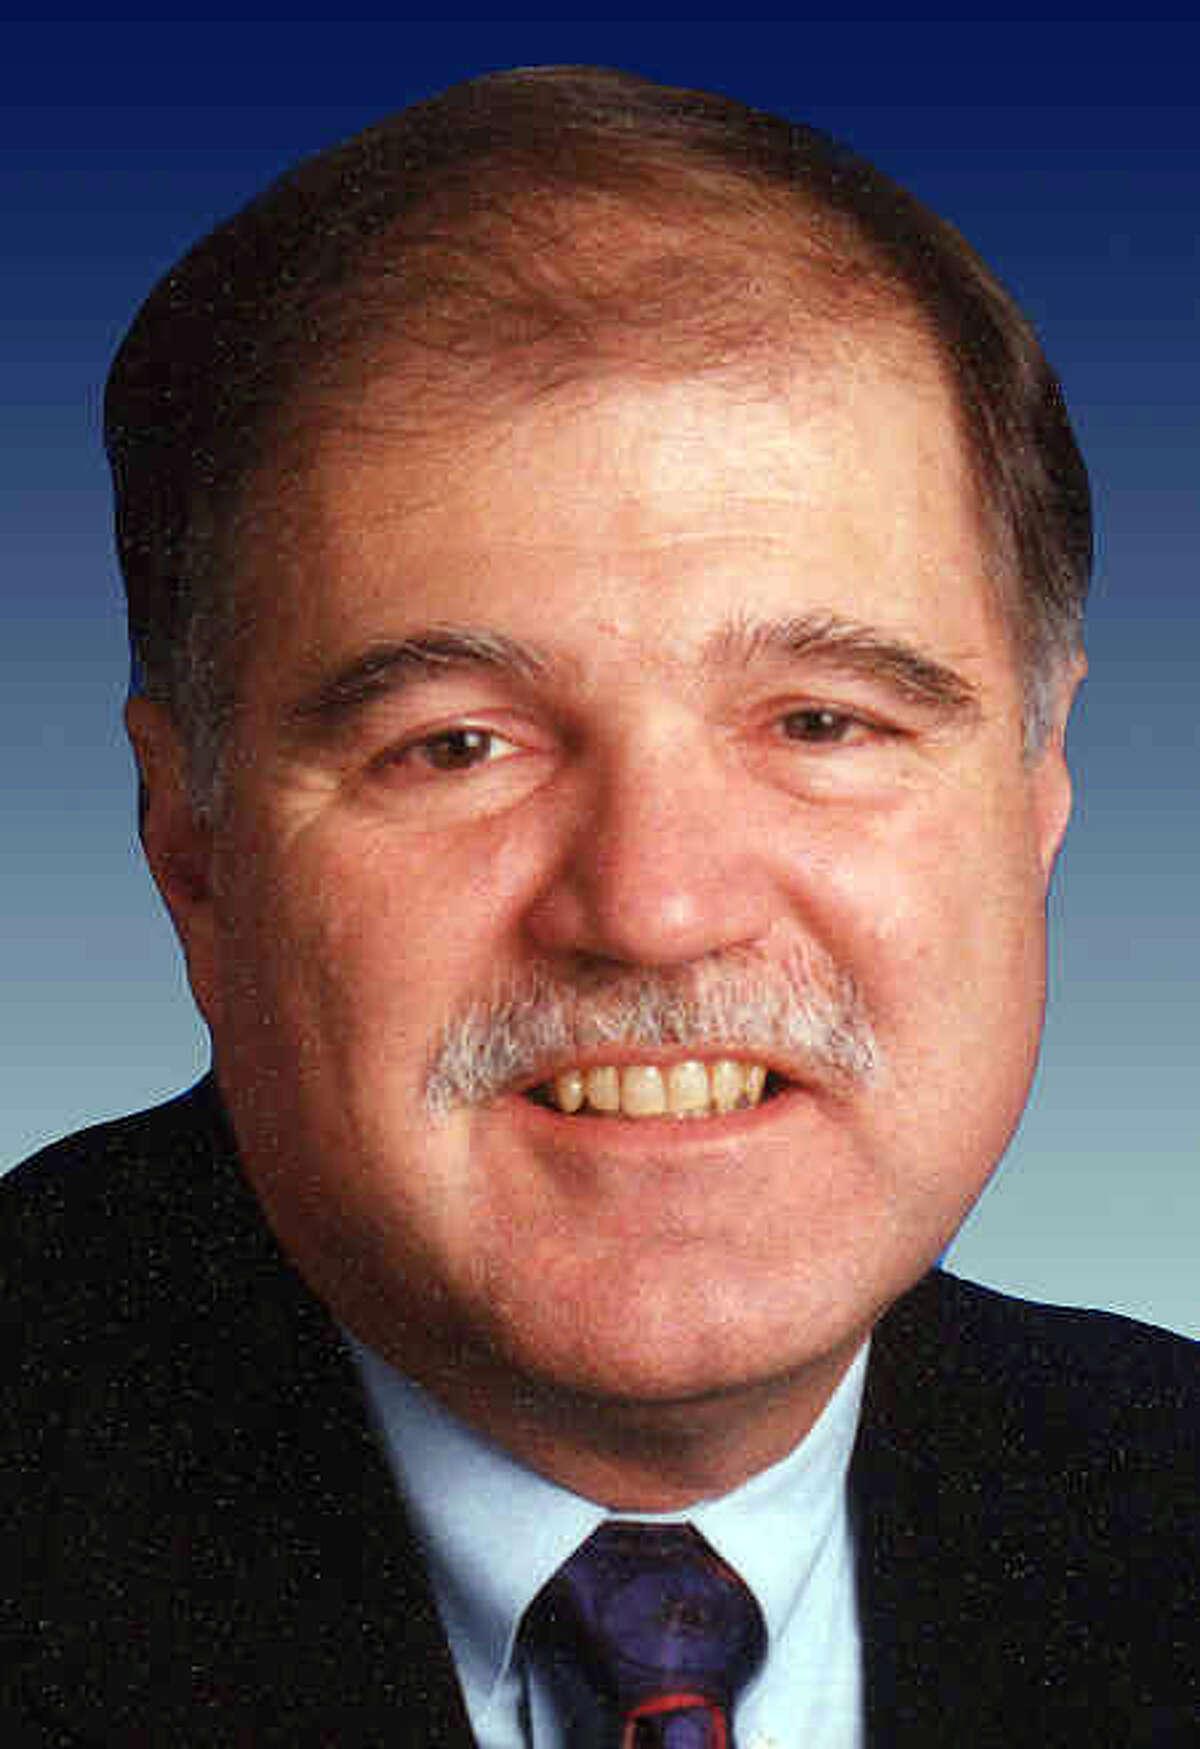 David M. Gioiello, Jr., Democrat running for mayor in Shelton in 2013..